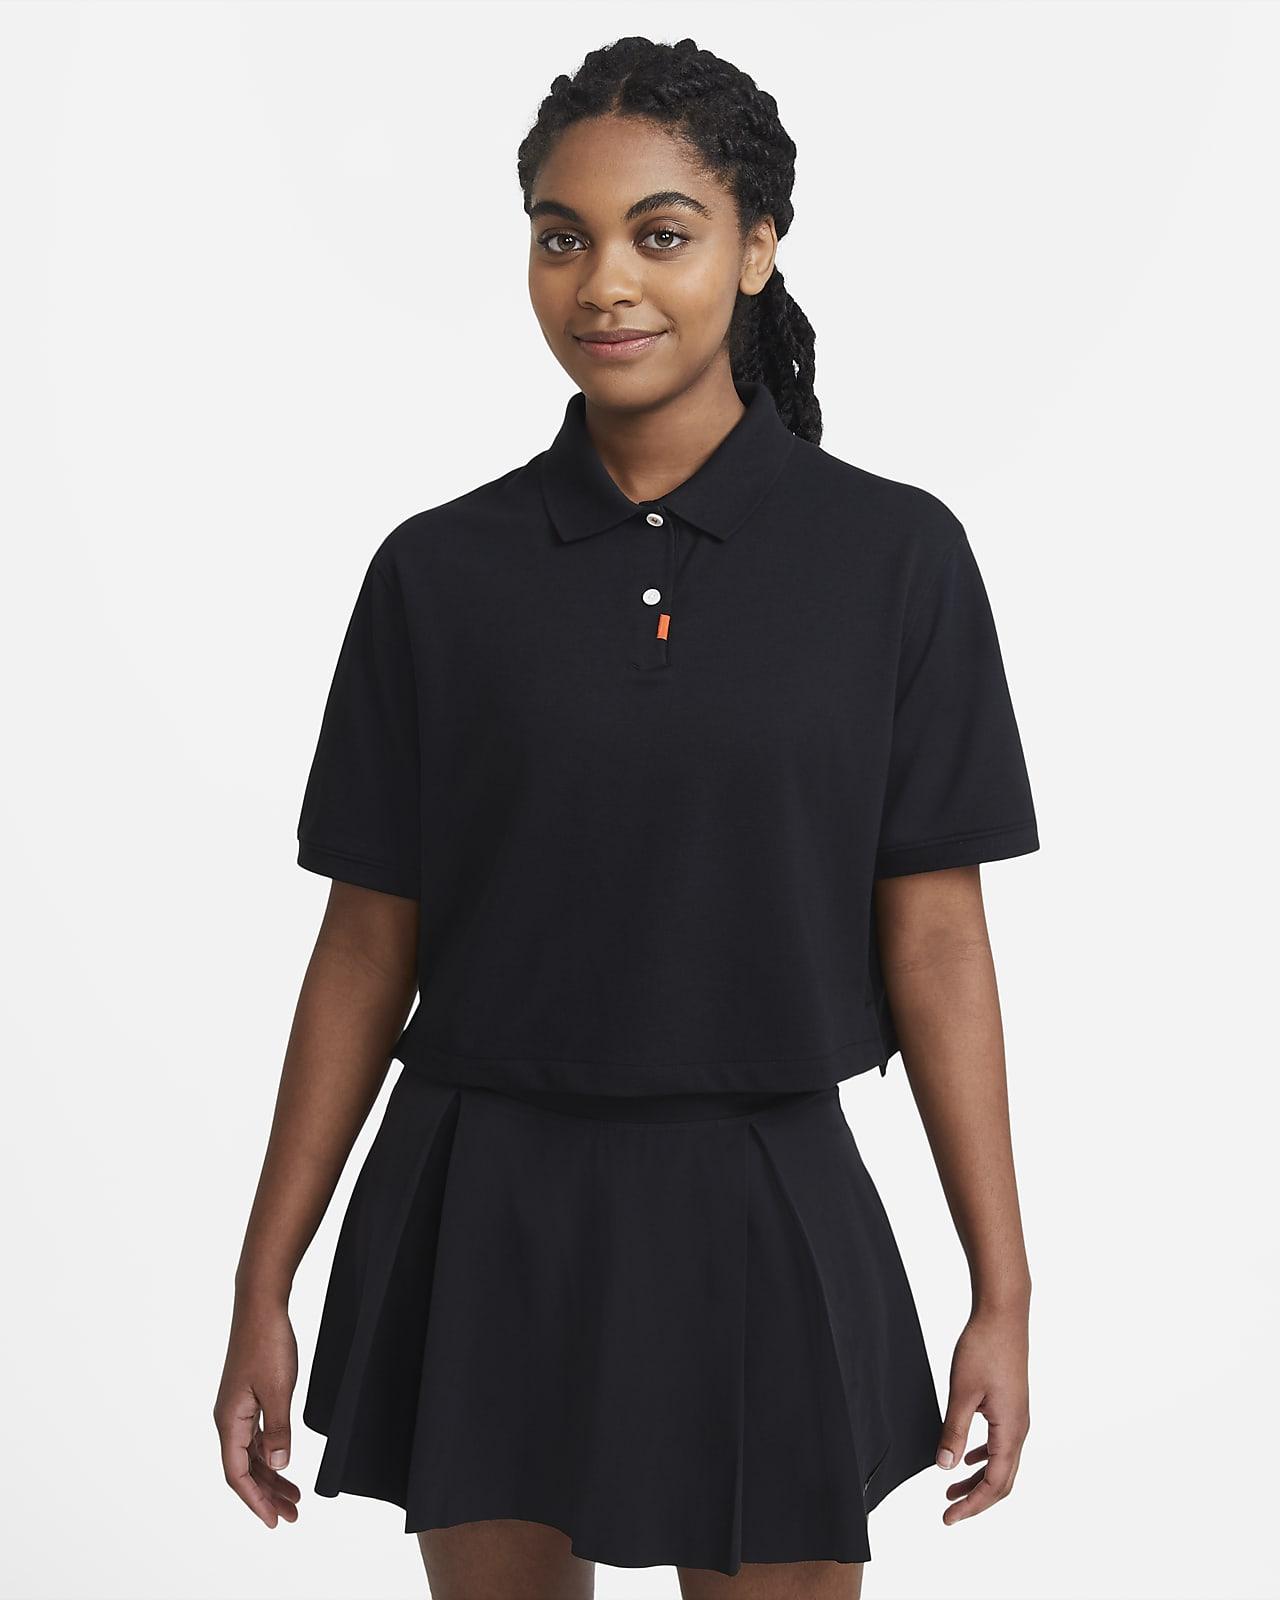 The Nike Polo Poloshirt für Damen